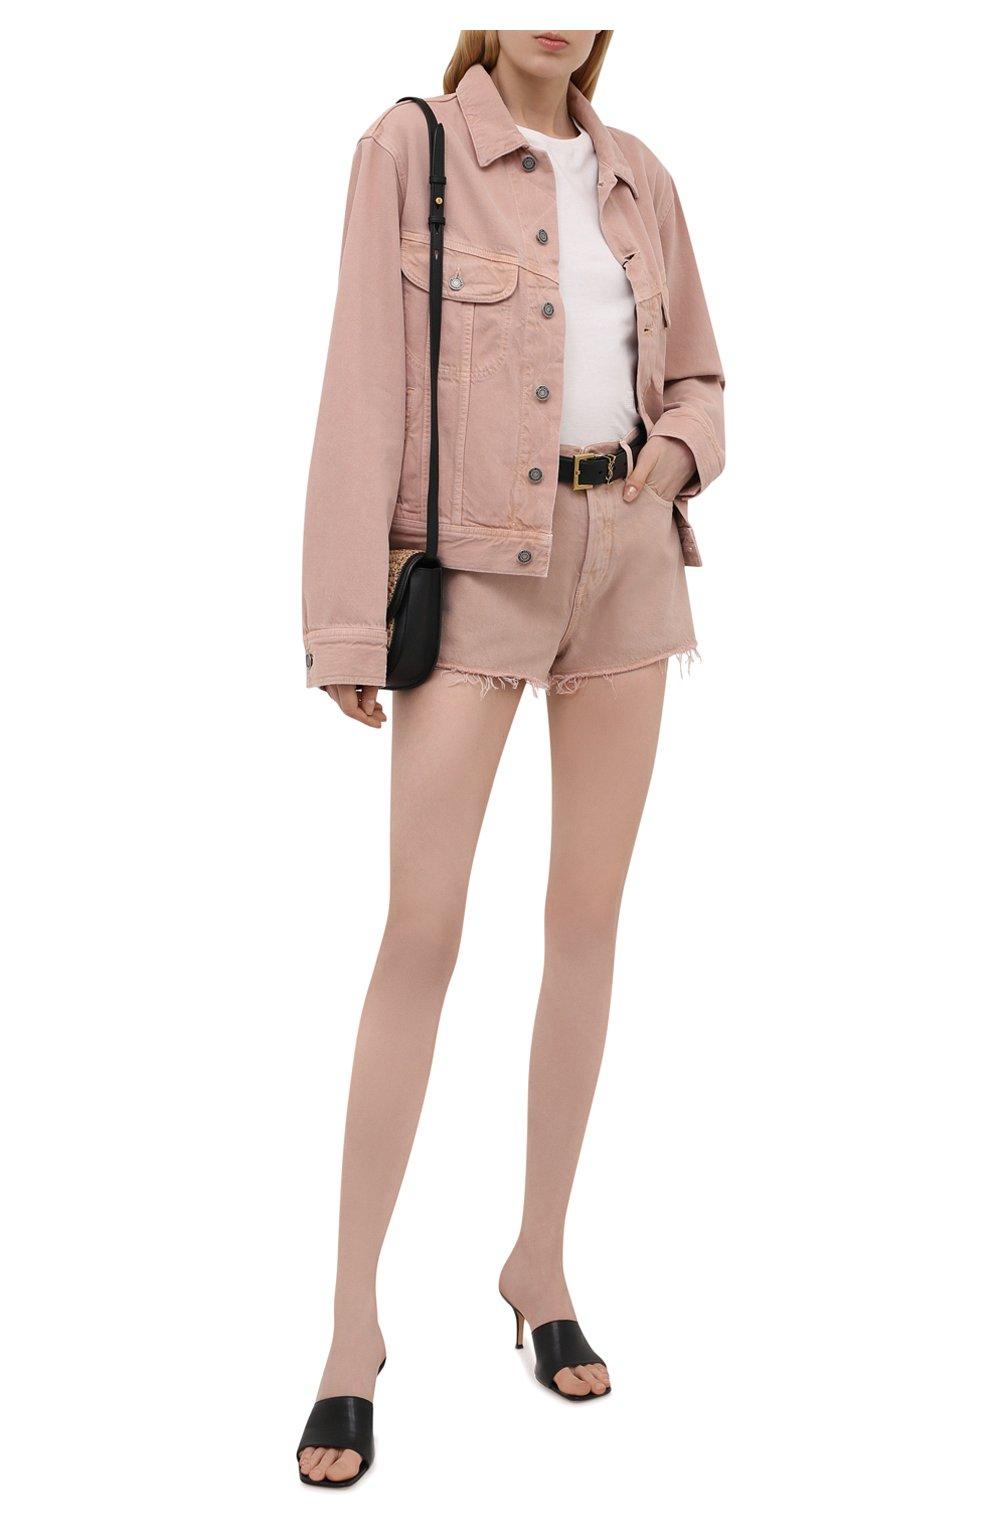 Женские джинсовые шорты SAINT LAURENT розового цвета, арт. 652530/Y23NM | Фото 2 (Женское Кросс-КТ: Шорты-одежда; Стили: Гламурный; Кросс-КТ: Деним; Длина Ж (юбки, платья, шорты): Мини; Материал внешний: Хлопок)